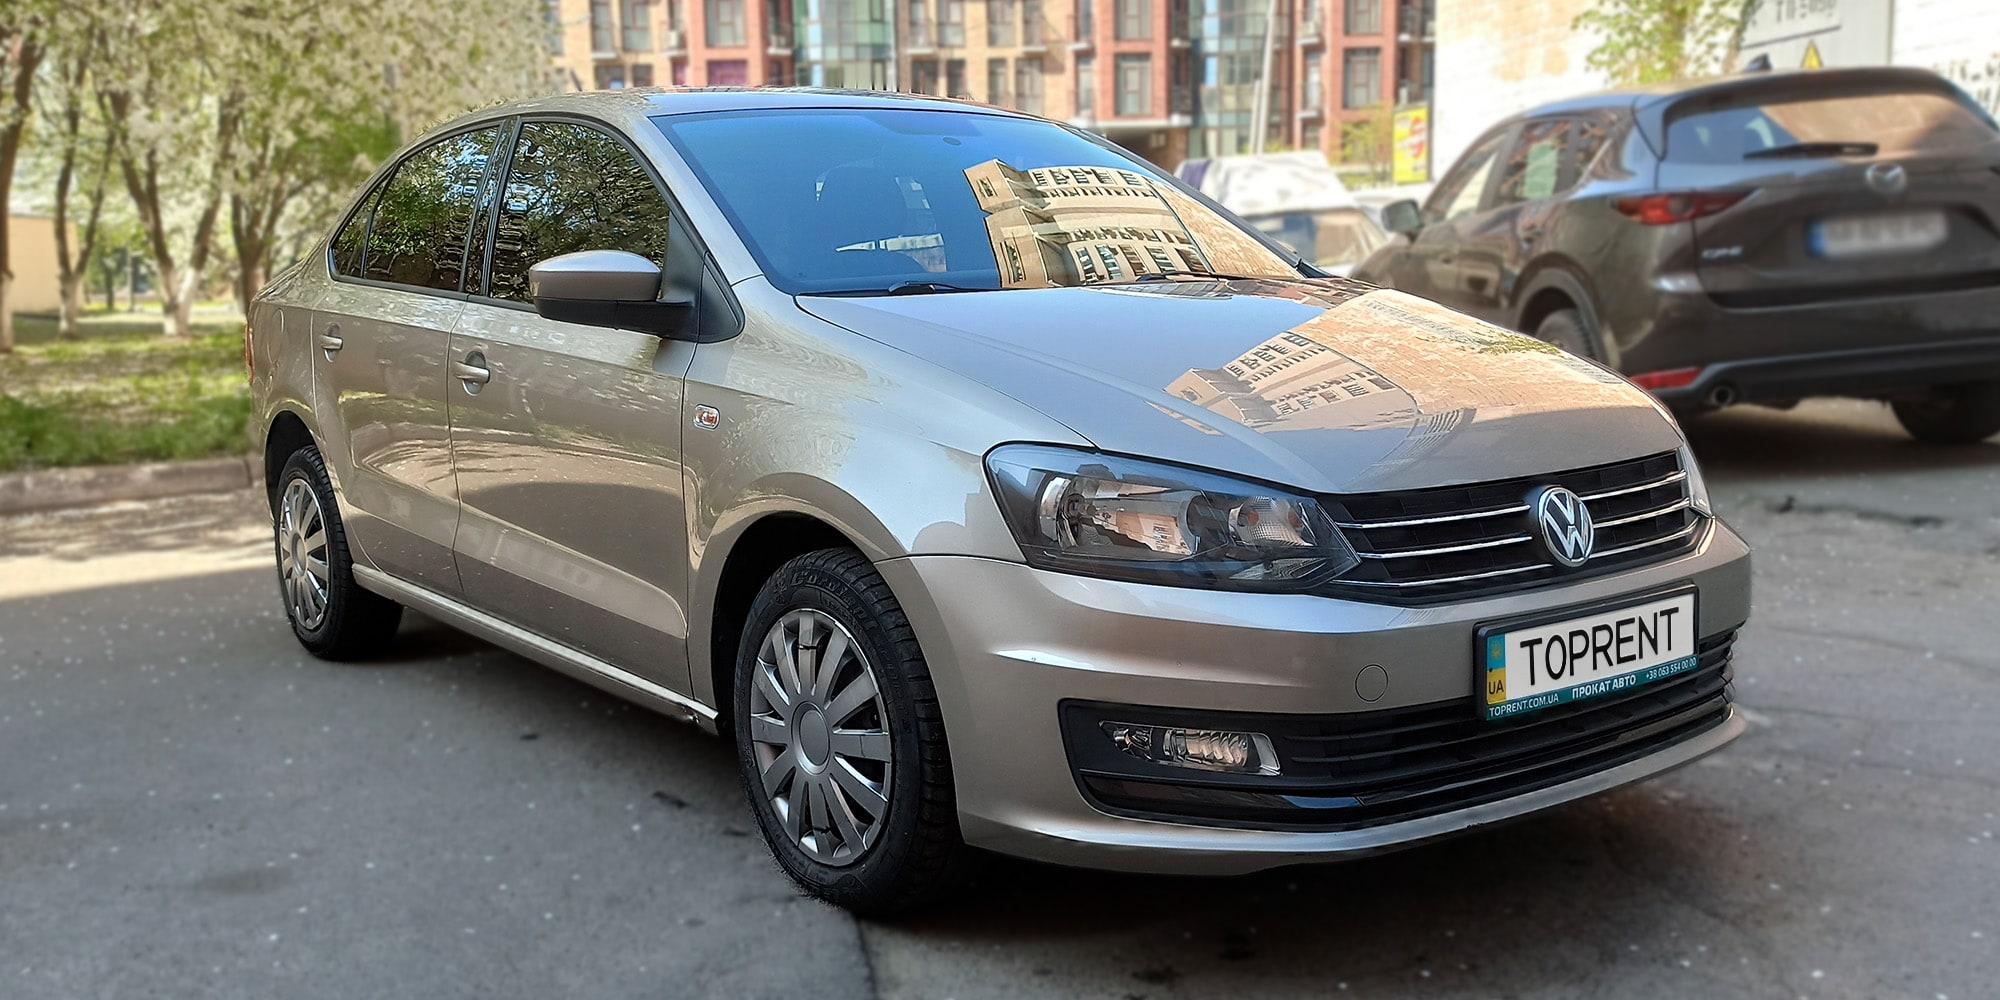 Прокат и аренда авто VW Polo sedan 2017 - фото 2 | TOPrent.ua